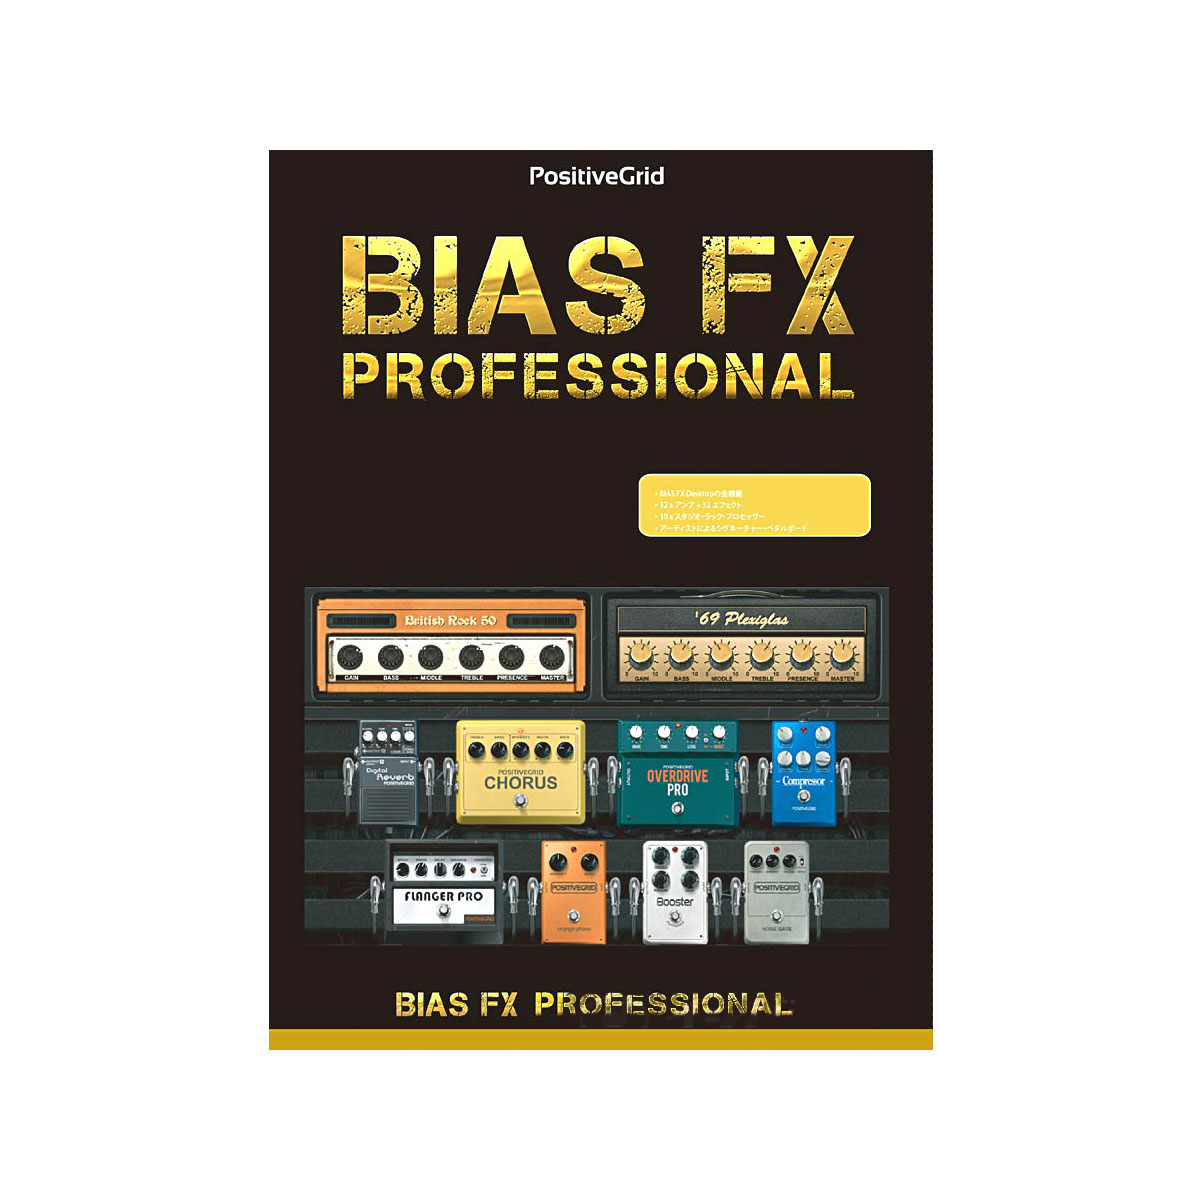 Positive Grid ポジティブグリッド / BIAS FX Professional バイアス FX プロフェッショナル アンプモデリングソフト【お取り寄せ商品】